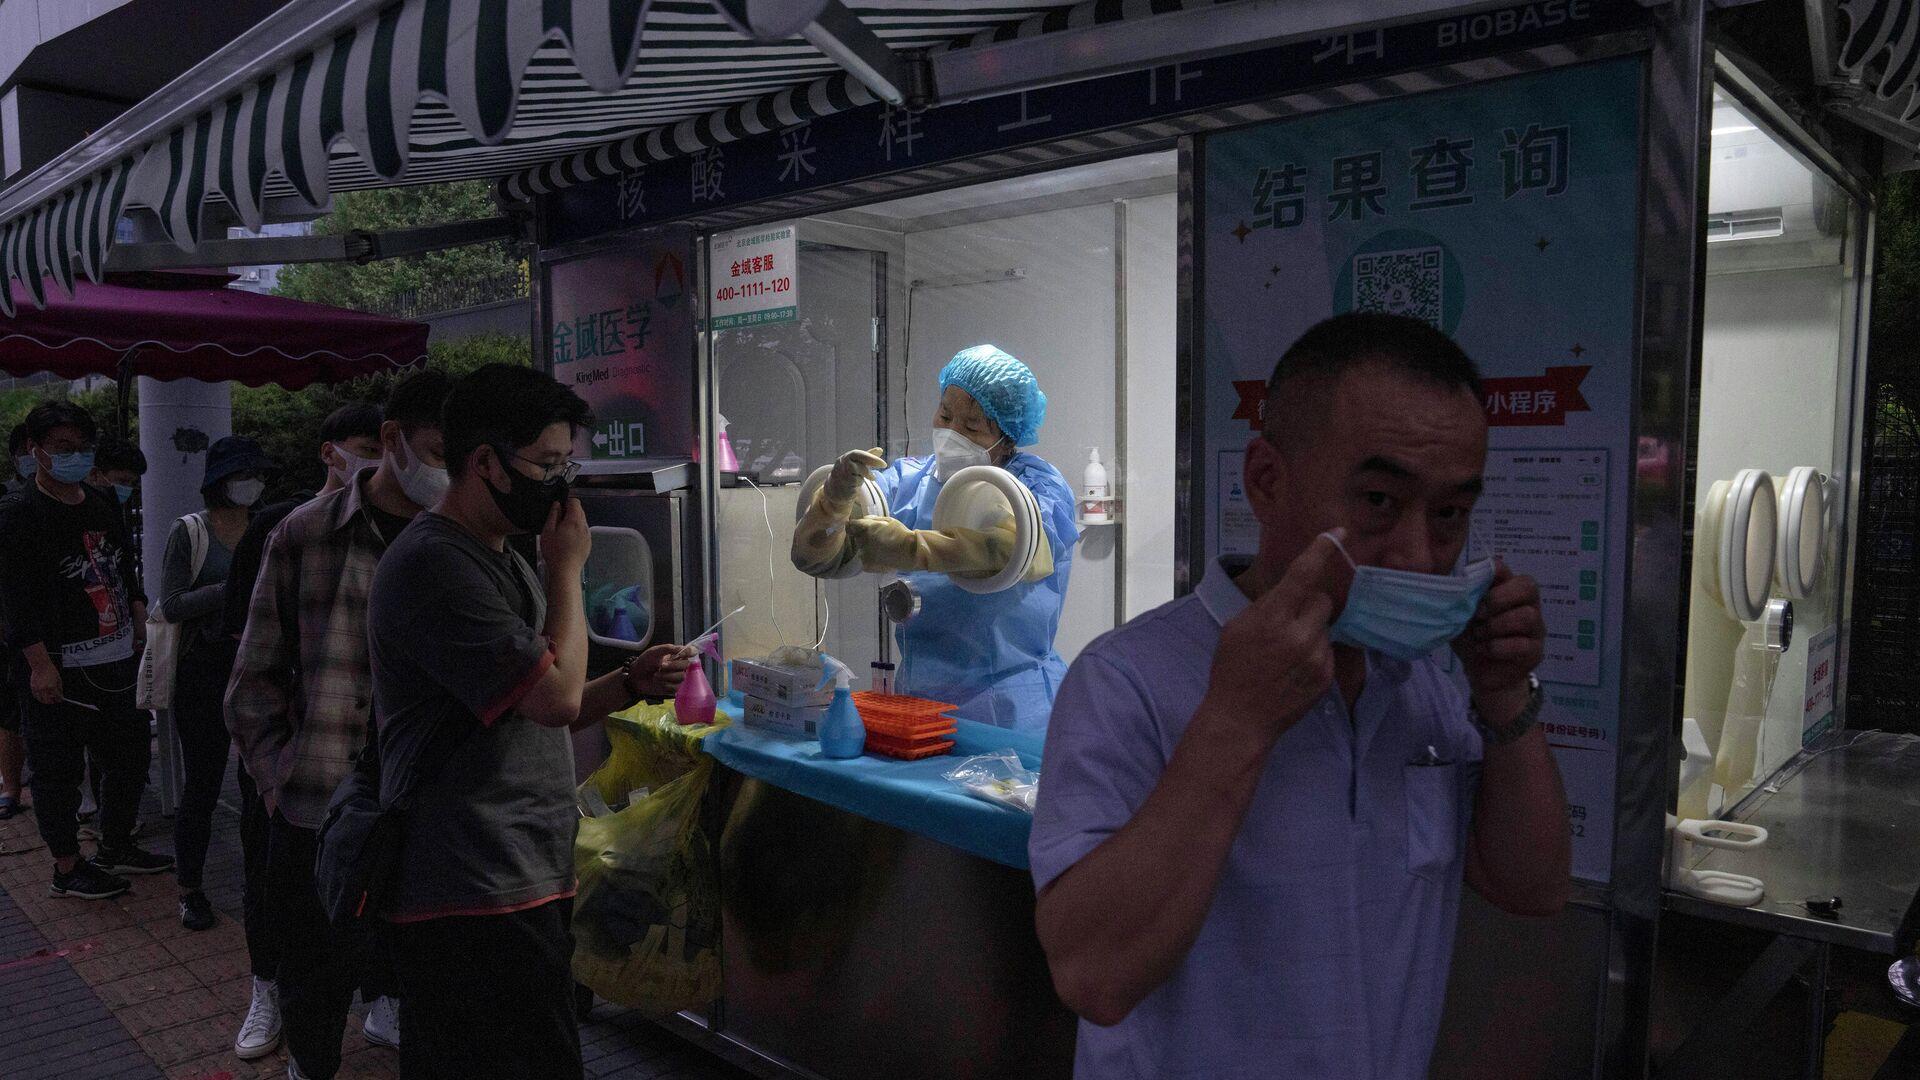 Китай, Пекин - люди в масках во время пандемии коронавируса - Sputnik Грузия, 1920, 04.10.2021